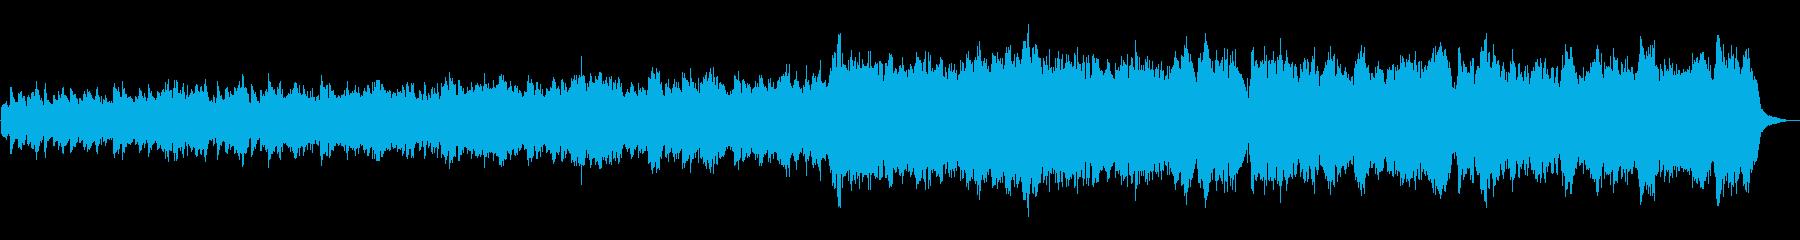 哀愁のあるオーボエのワルツの曲の再生済みの波形